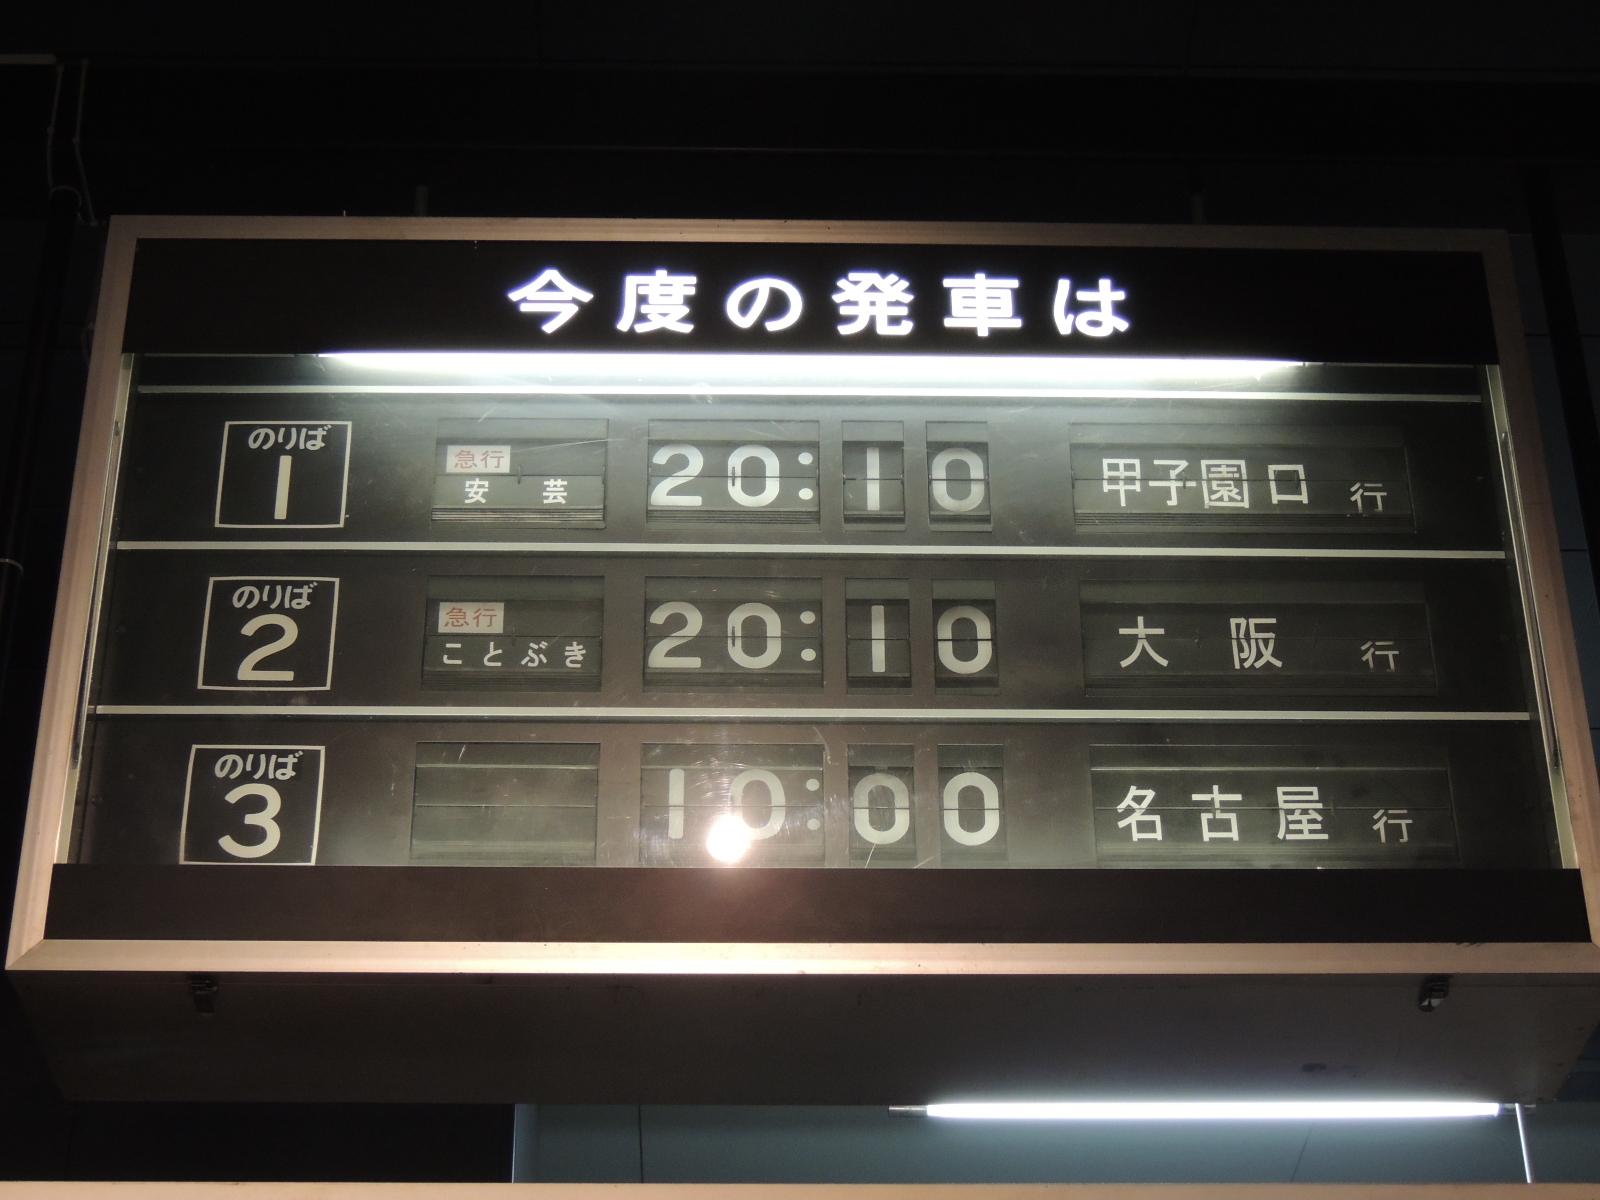 交通科学博物館最後の訪問 (5)